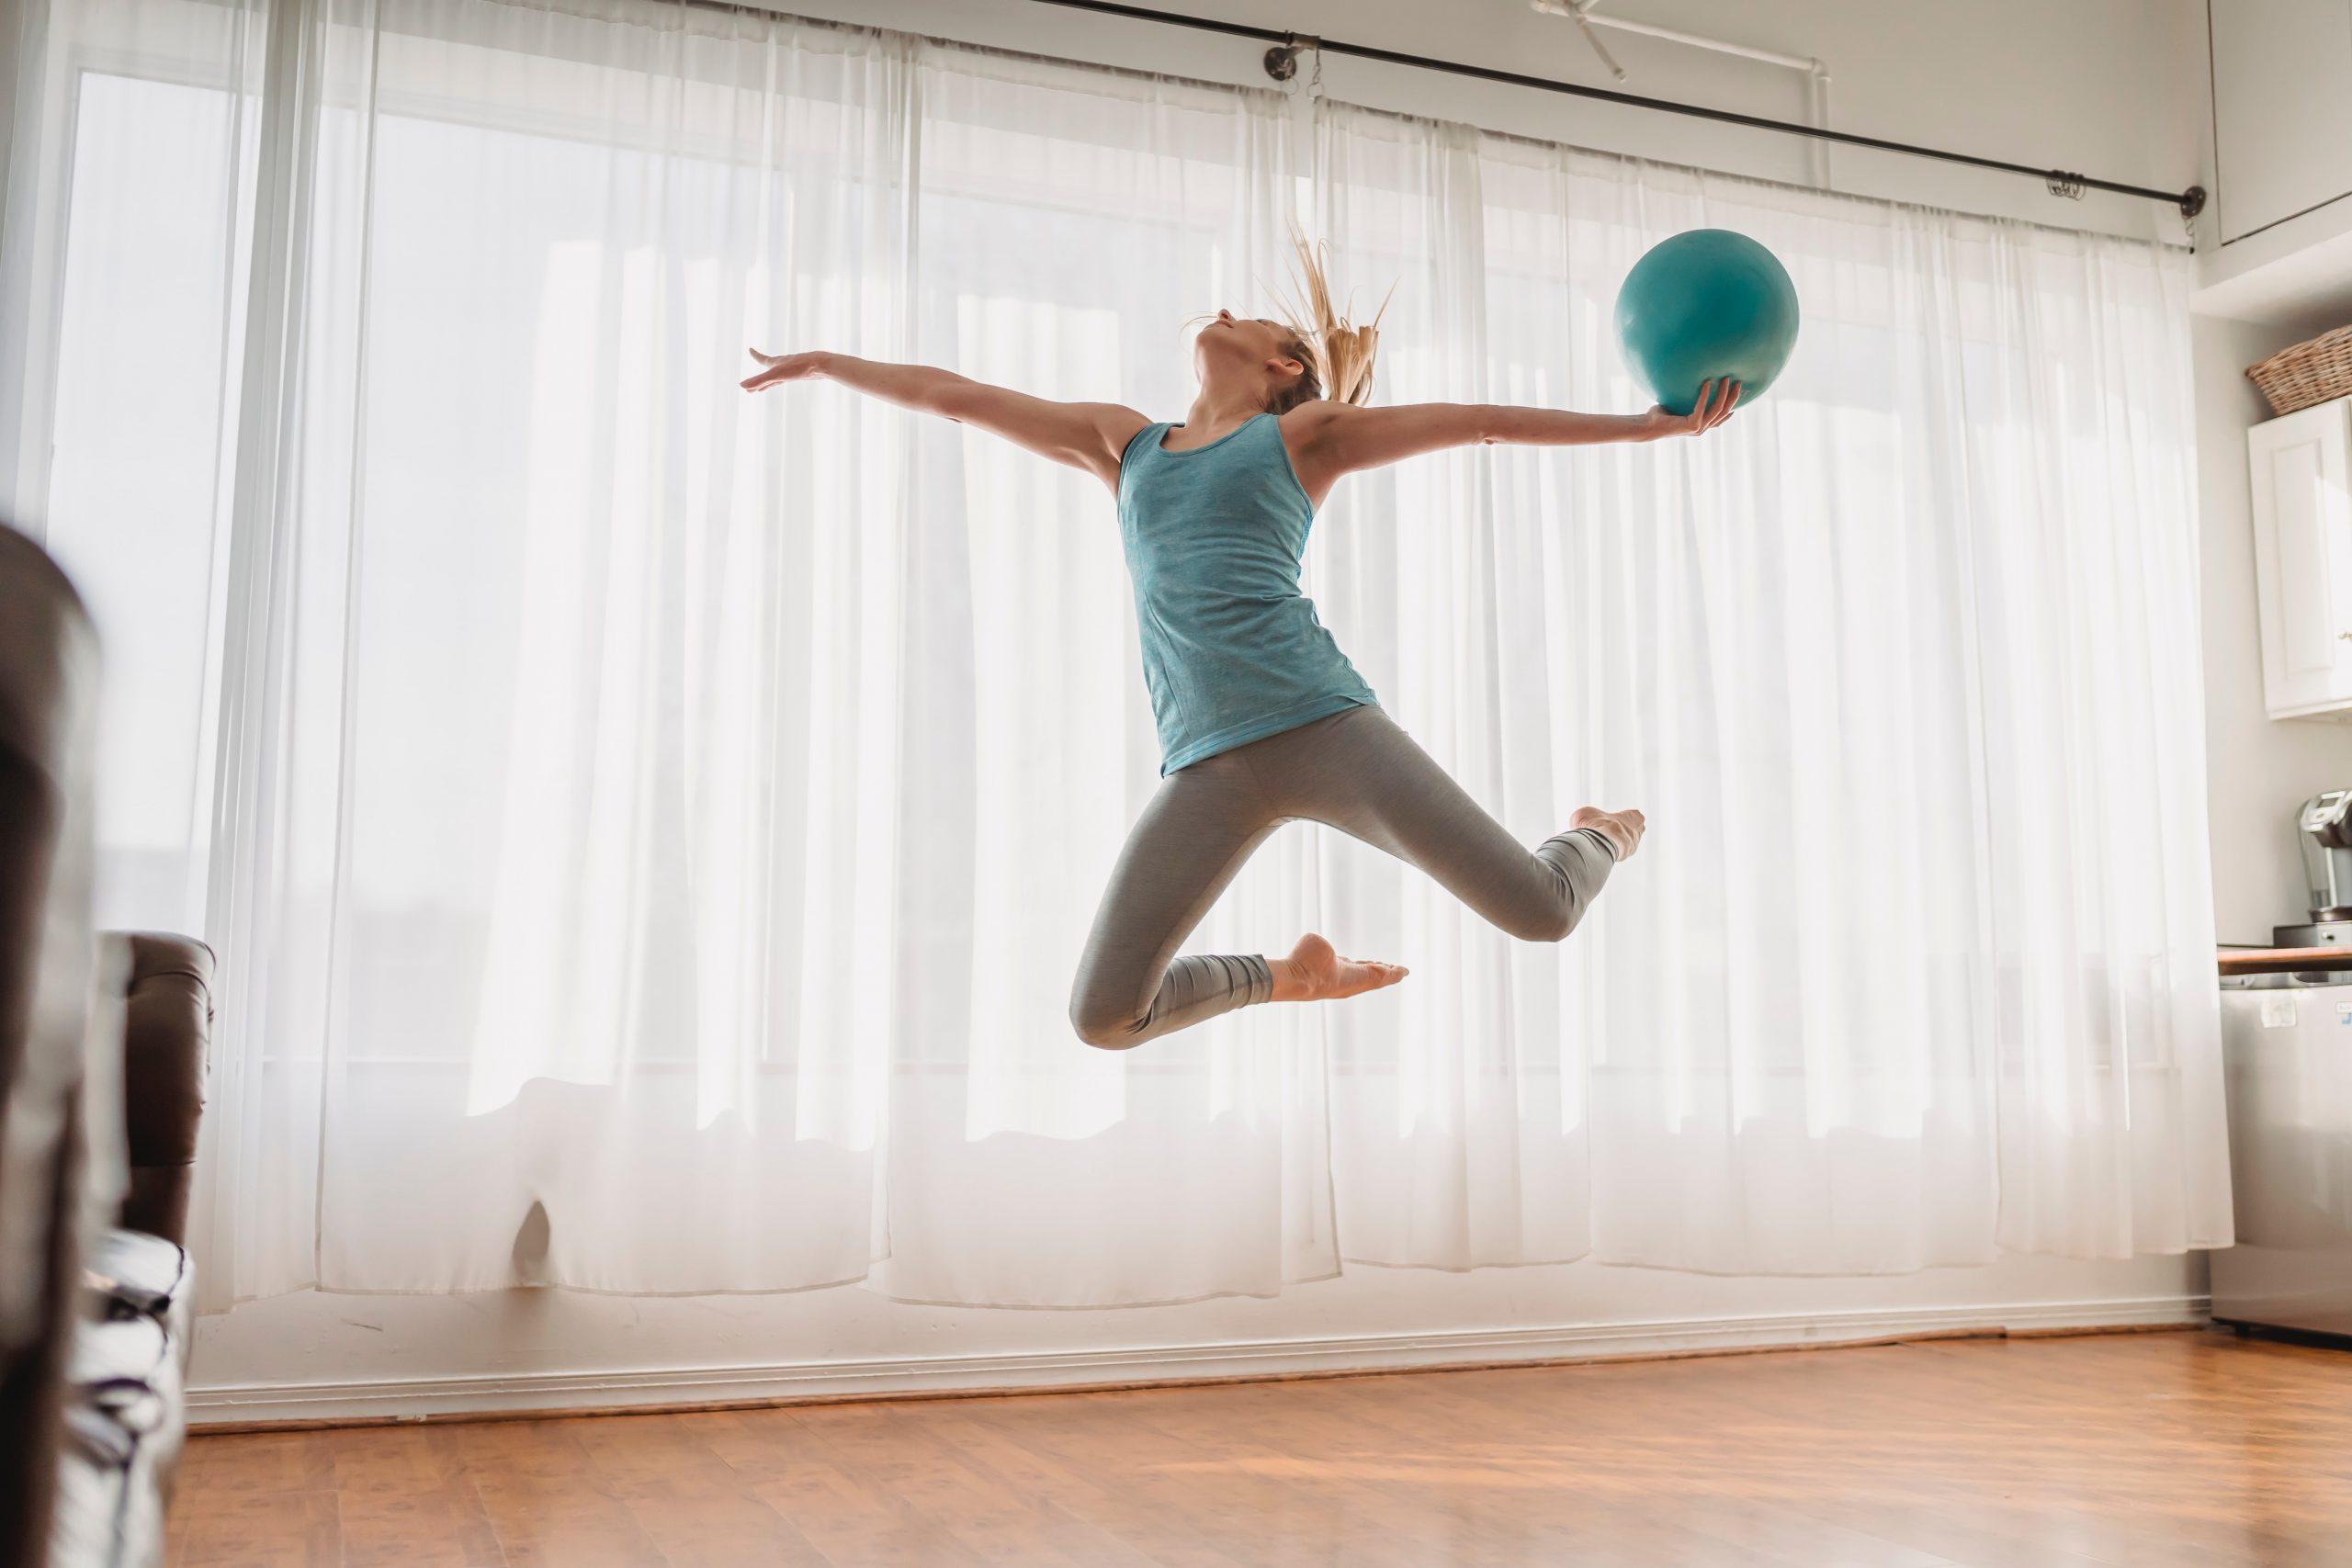 Tipos de salto mortal na ginástica artística   Confira quais são